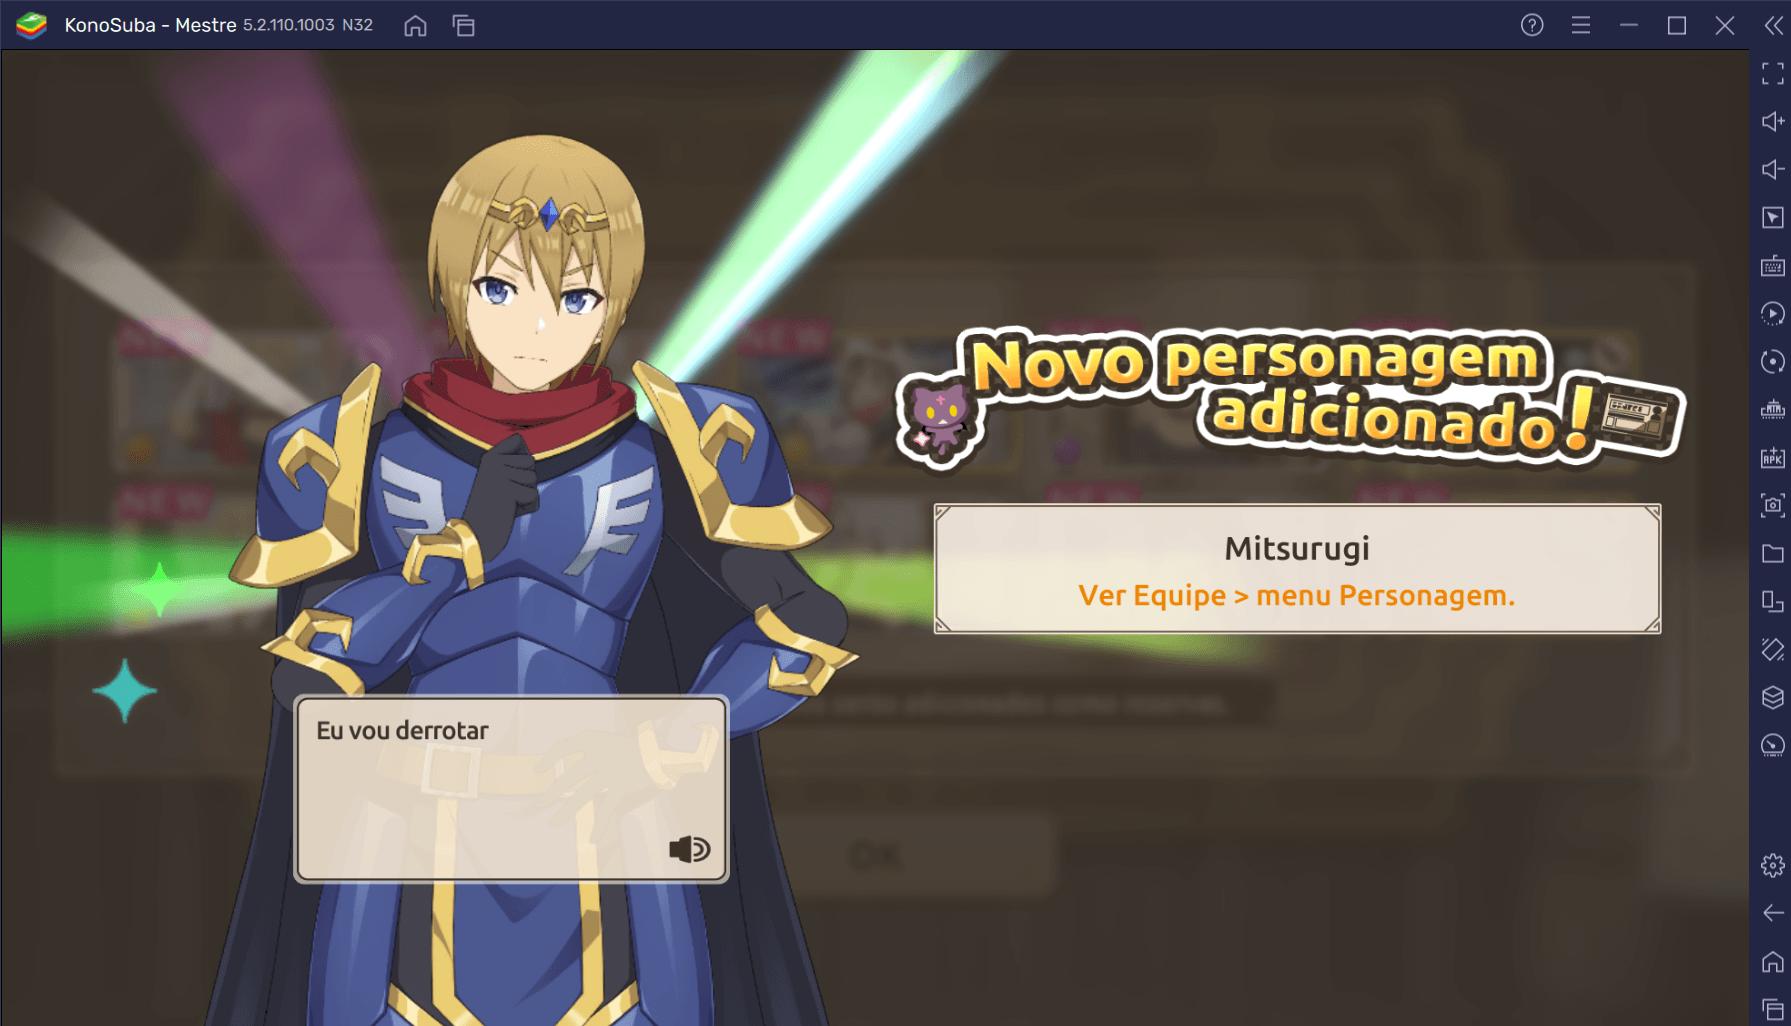 Faça Reroll em KonoSuba: Dias Fantásticos e comece o jogo com os melhores personagens